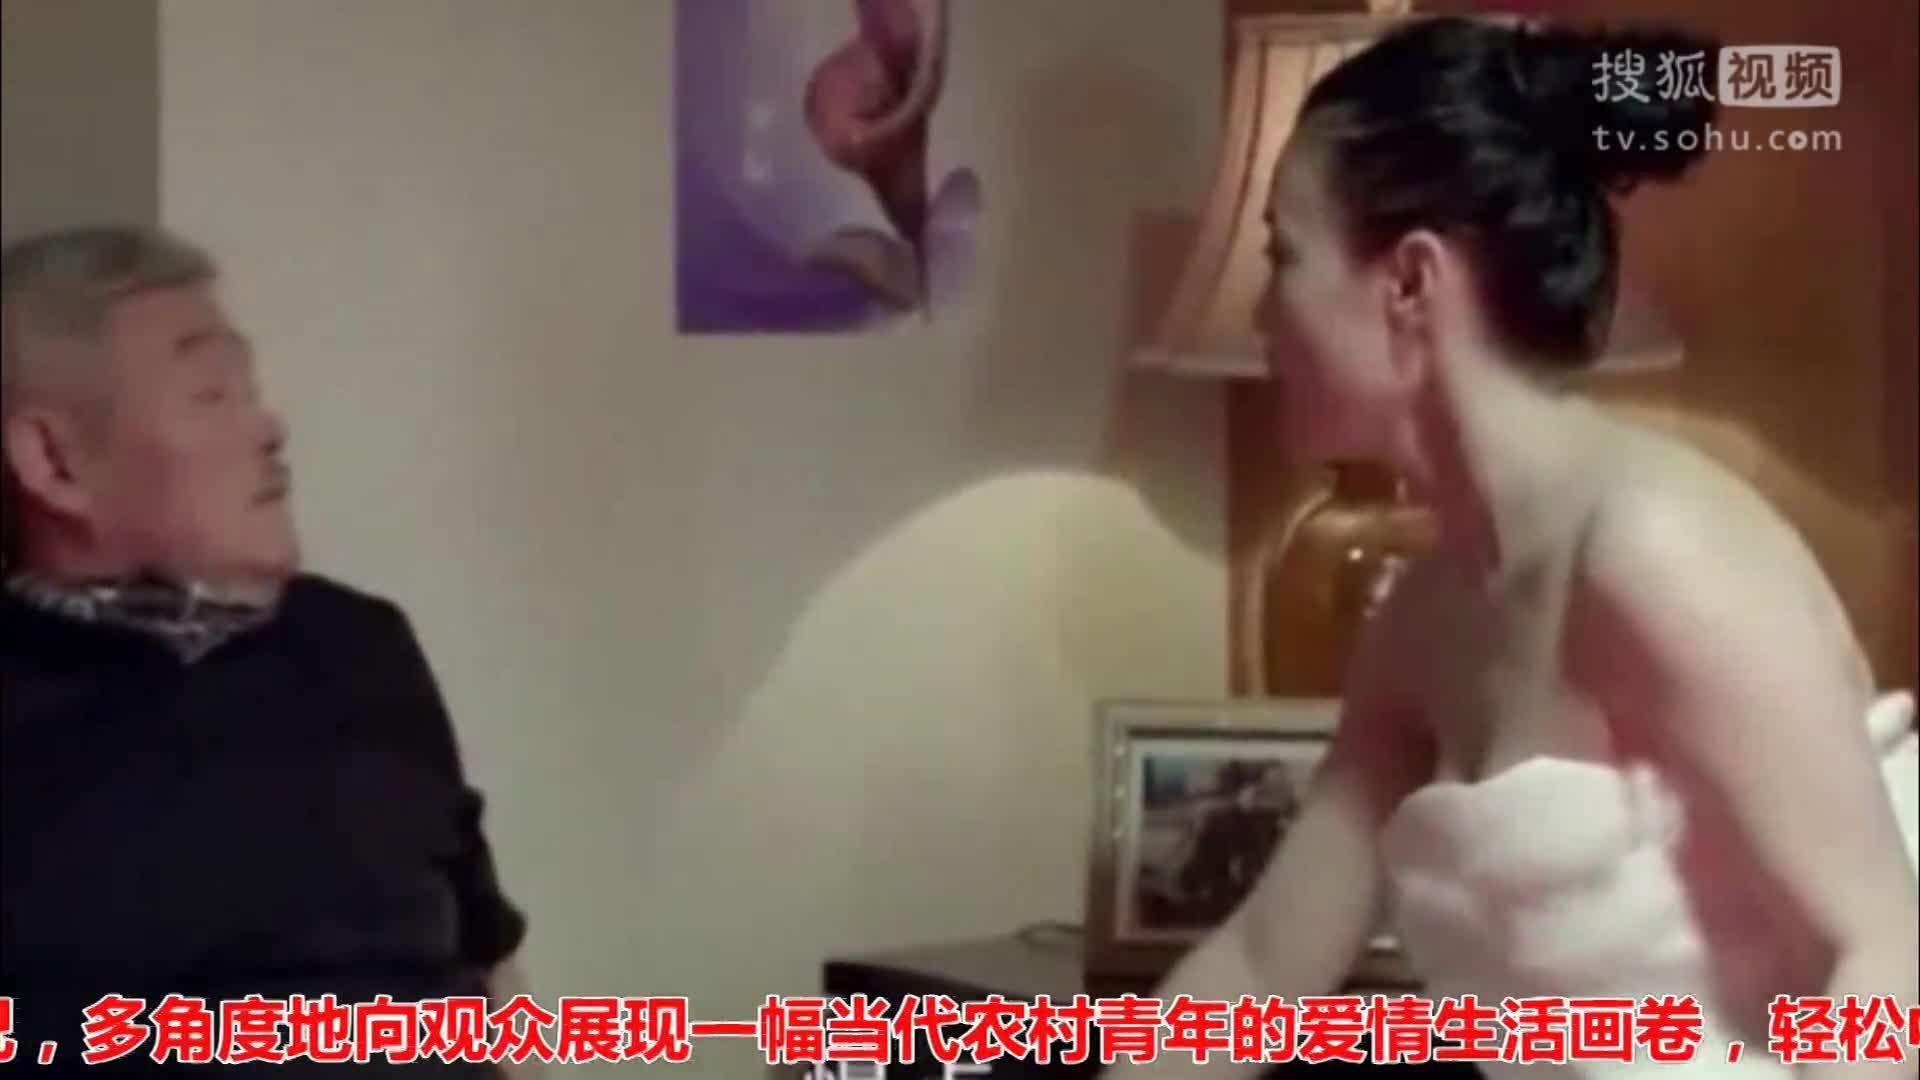 乡村爱情8大尺度淋浴戏 关婷娜半裸露胸和赵本山交流 娱乐八大碗第.